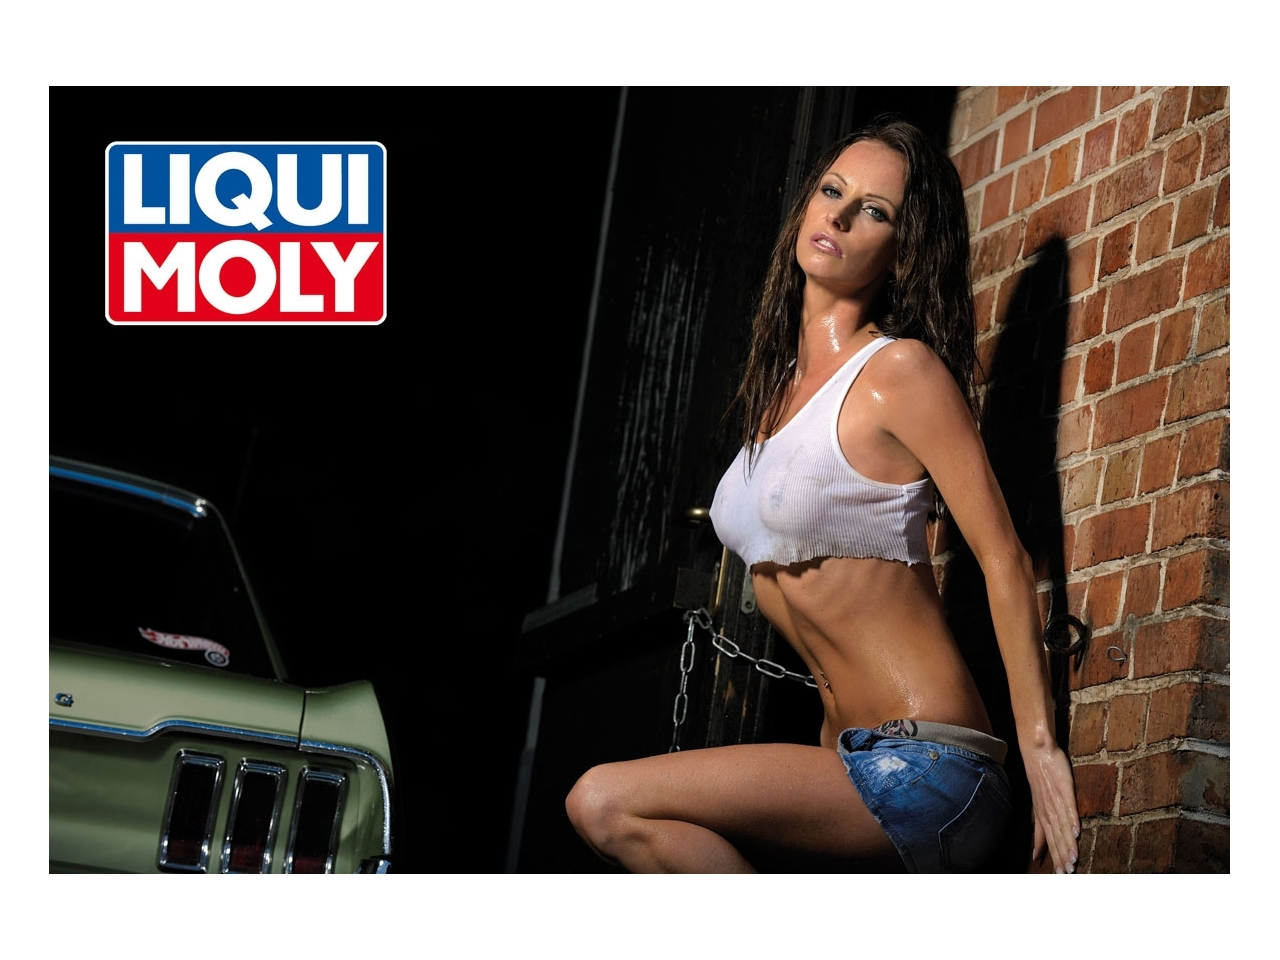 neuer kalender von liqui moly huebsche girls und schicke autos